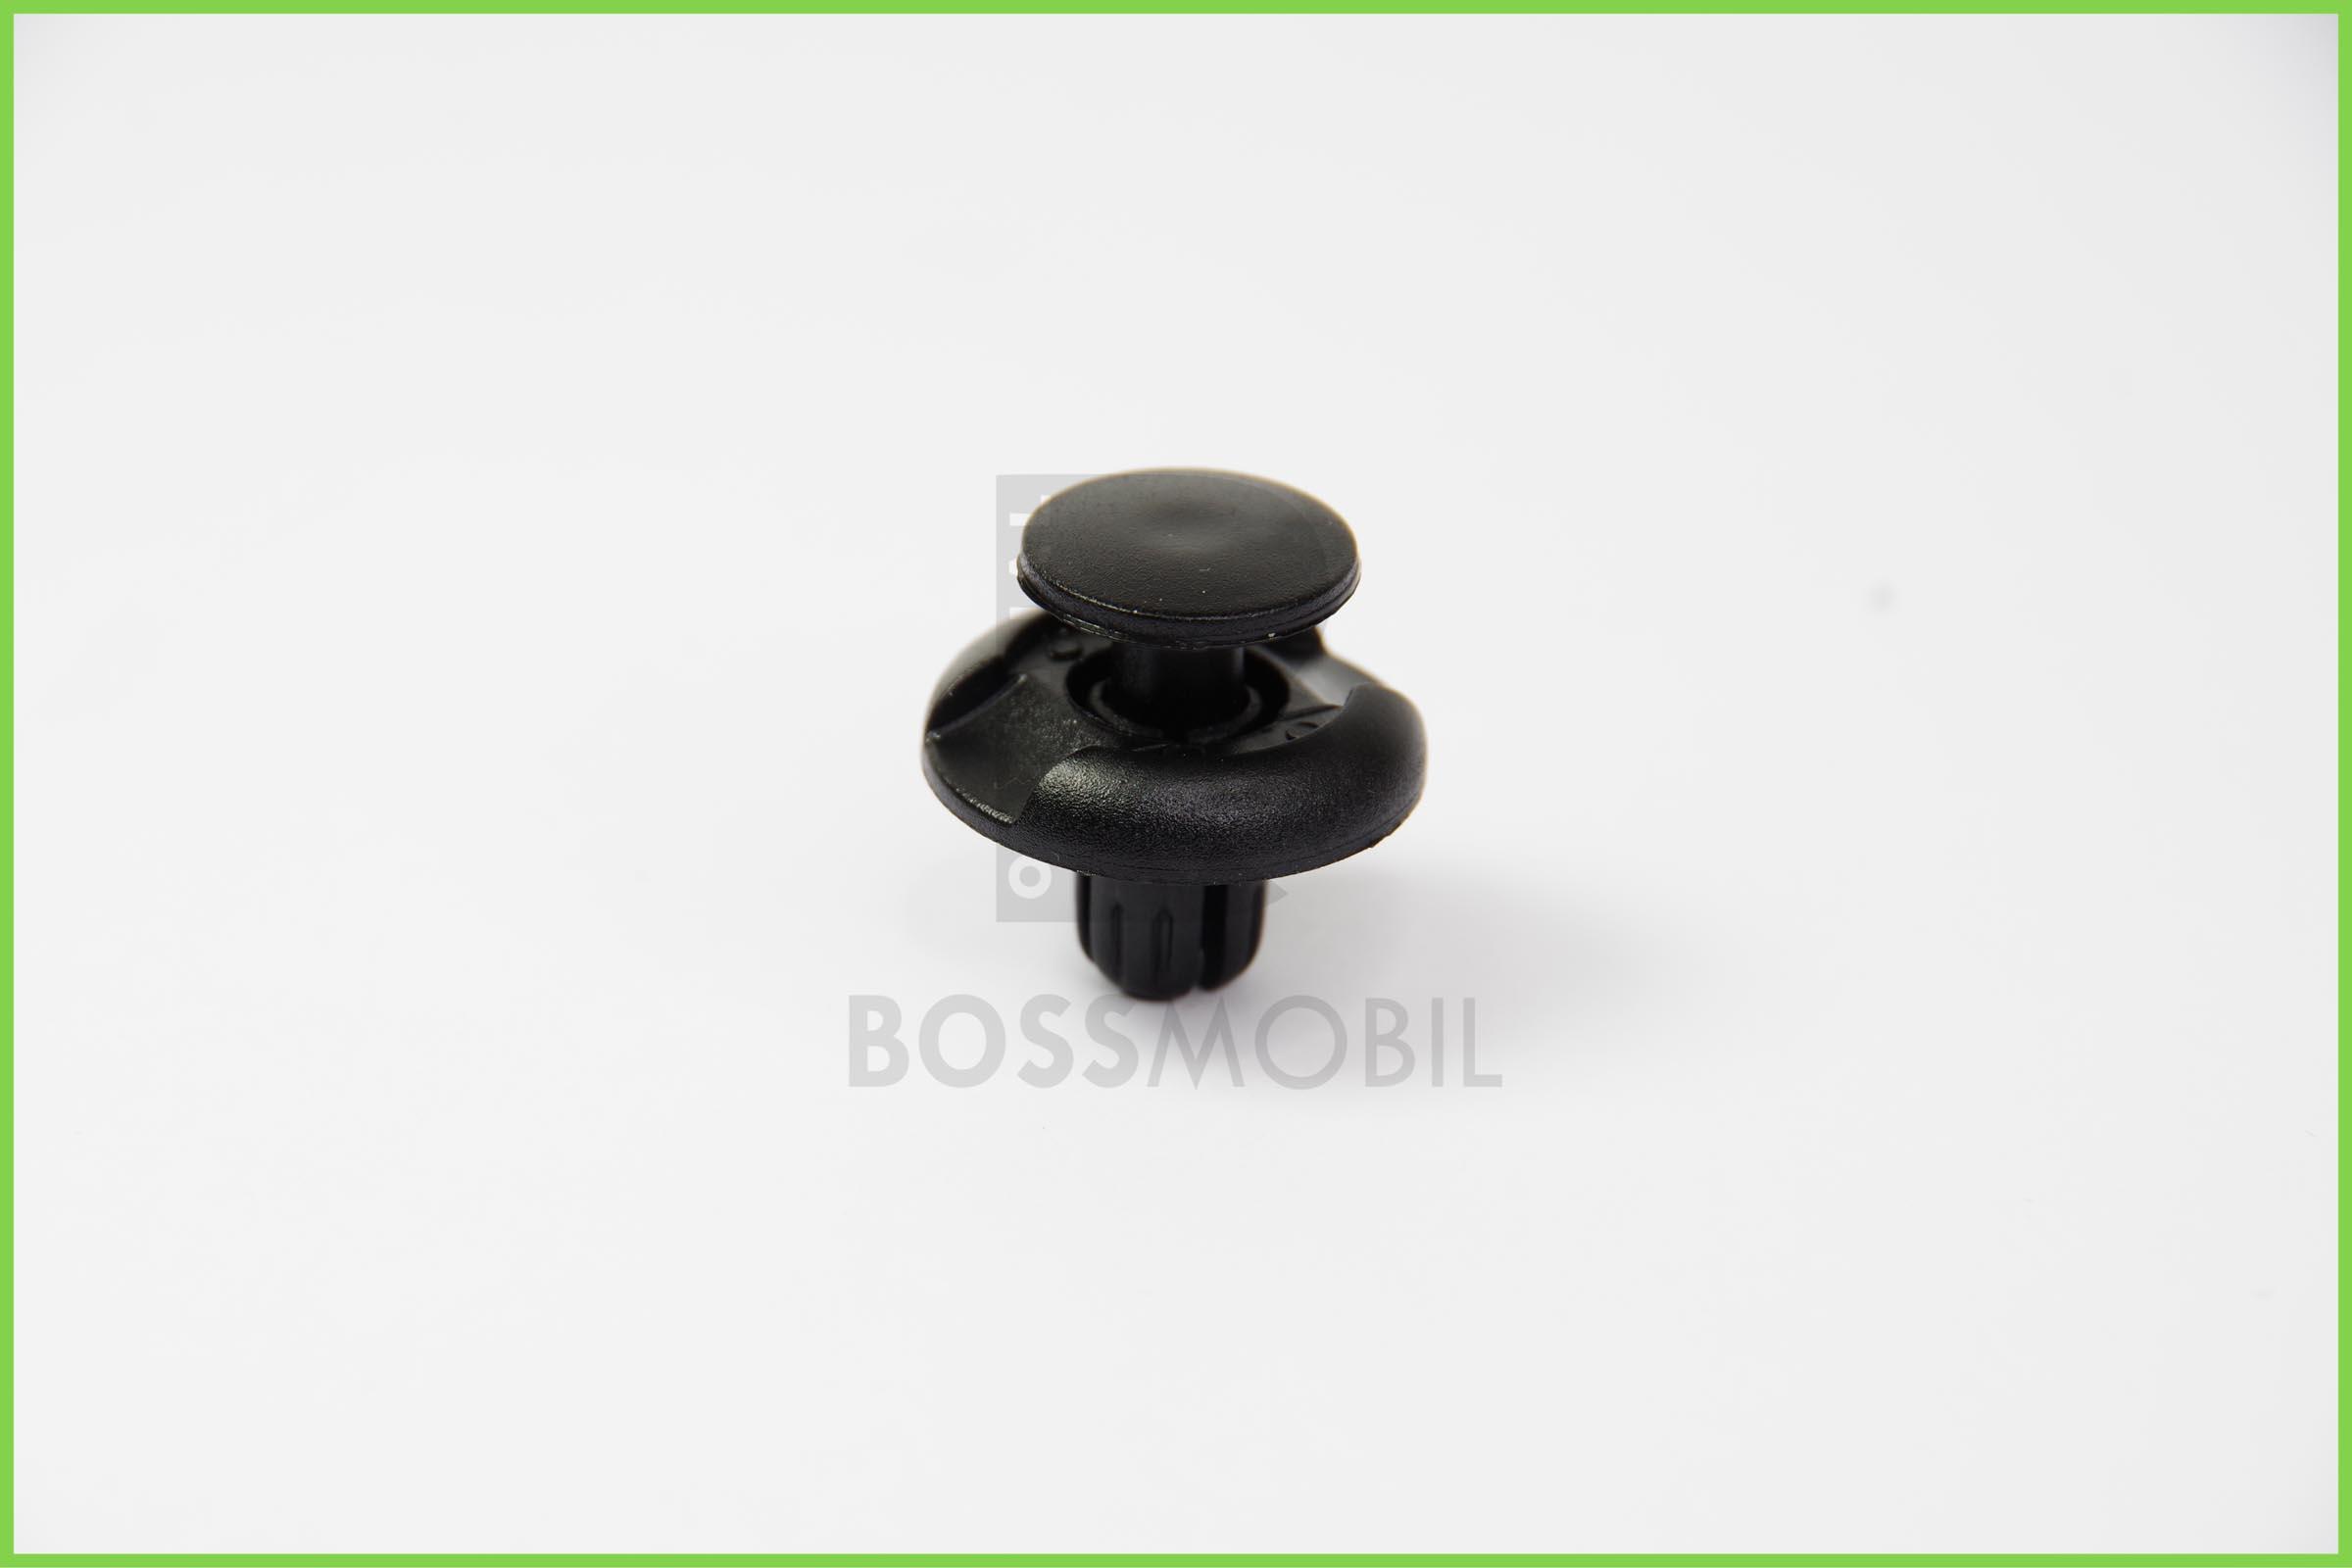 ORIGINAL BOSSMOBIL pare-chocs attachement agraf/é avec//mettant en vedette avec//mettant en vedette avec//mettant en vorgestellt 20 X 10 X 8 mm